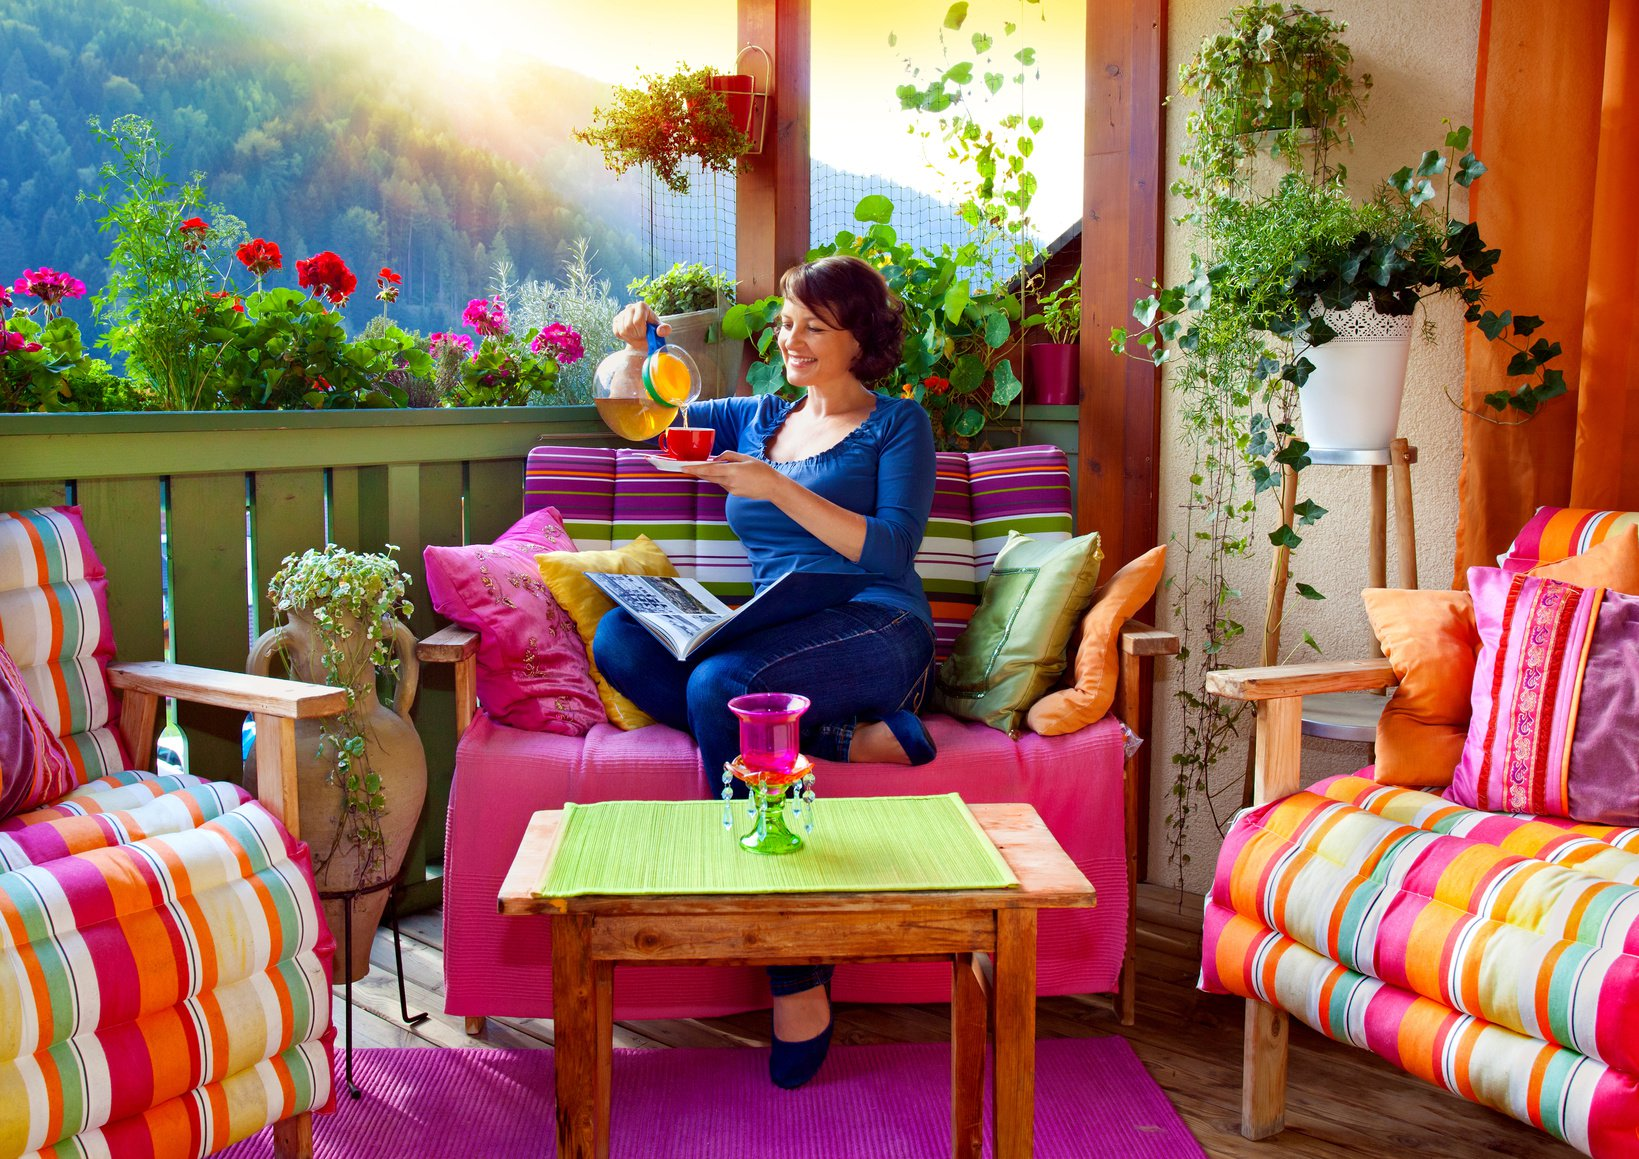 Im Sommer Wird Der Balkon Für Viele Menschen Zum Zweiten Wohnzimmer Unter  Freiem Himmel. Neben Der Dekoration Mit Pflanzen Gibt Es Noch Viele Andere  Ideen, ...